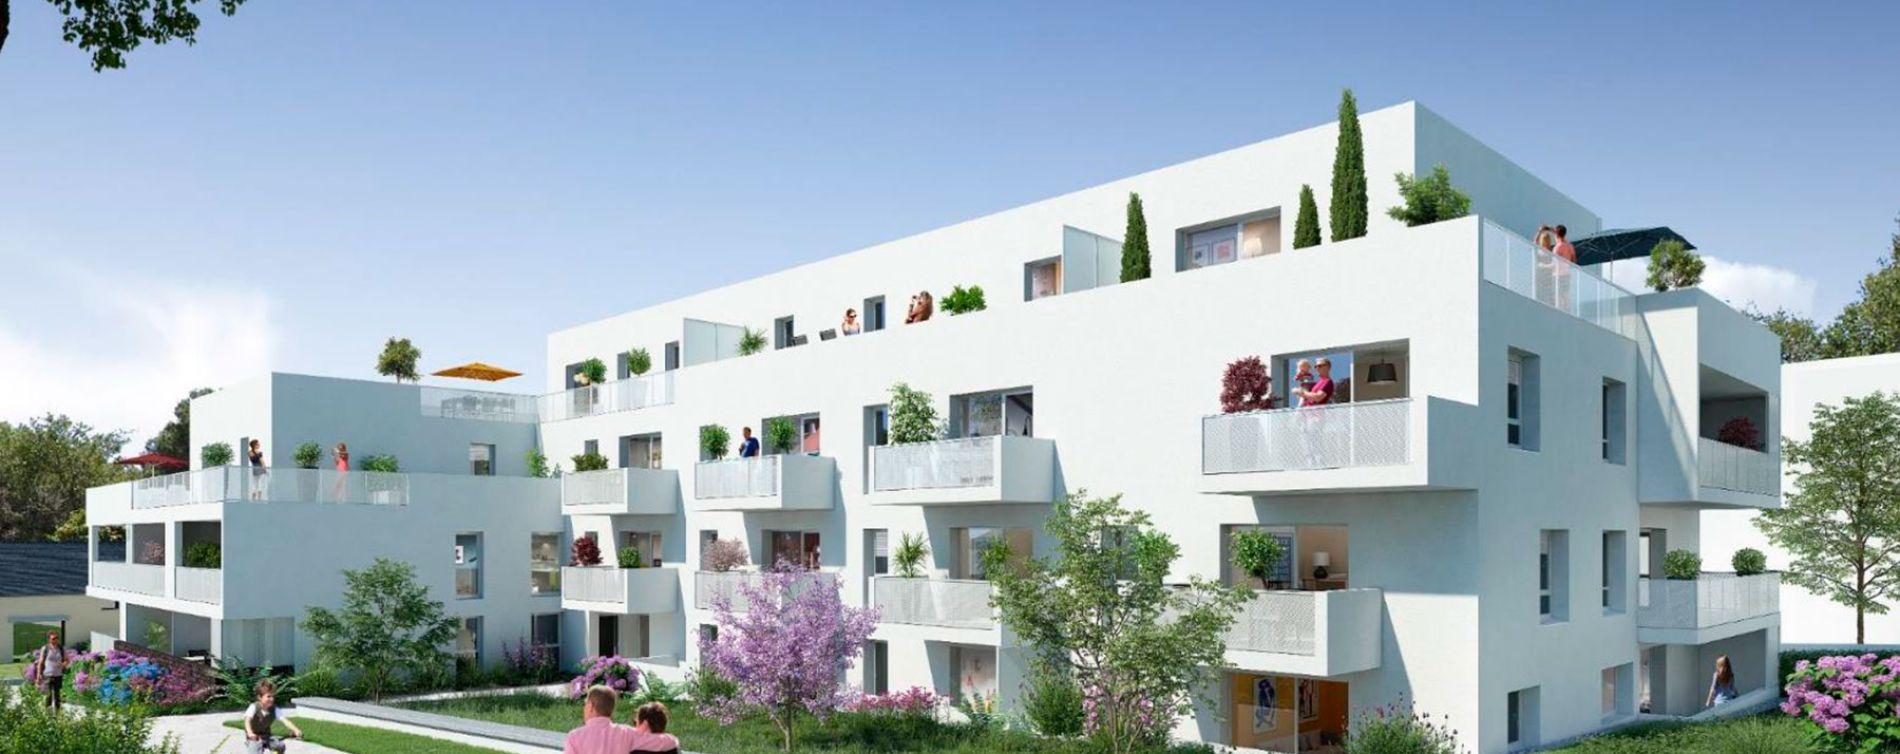 La Chapelle-des-Fougeretz : programme immobilier neuve « Les Villas Fougeretz »